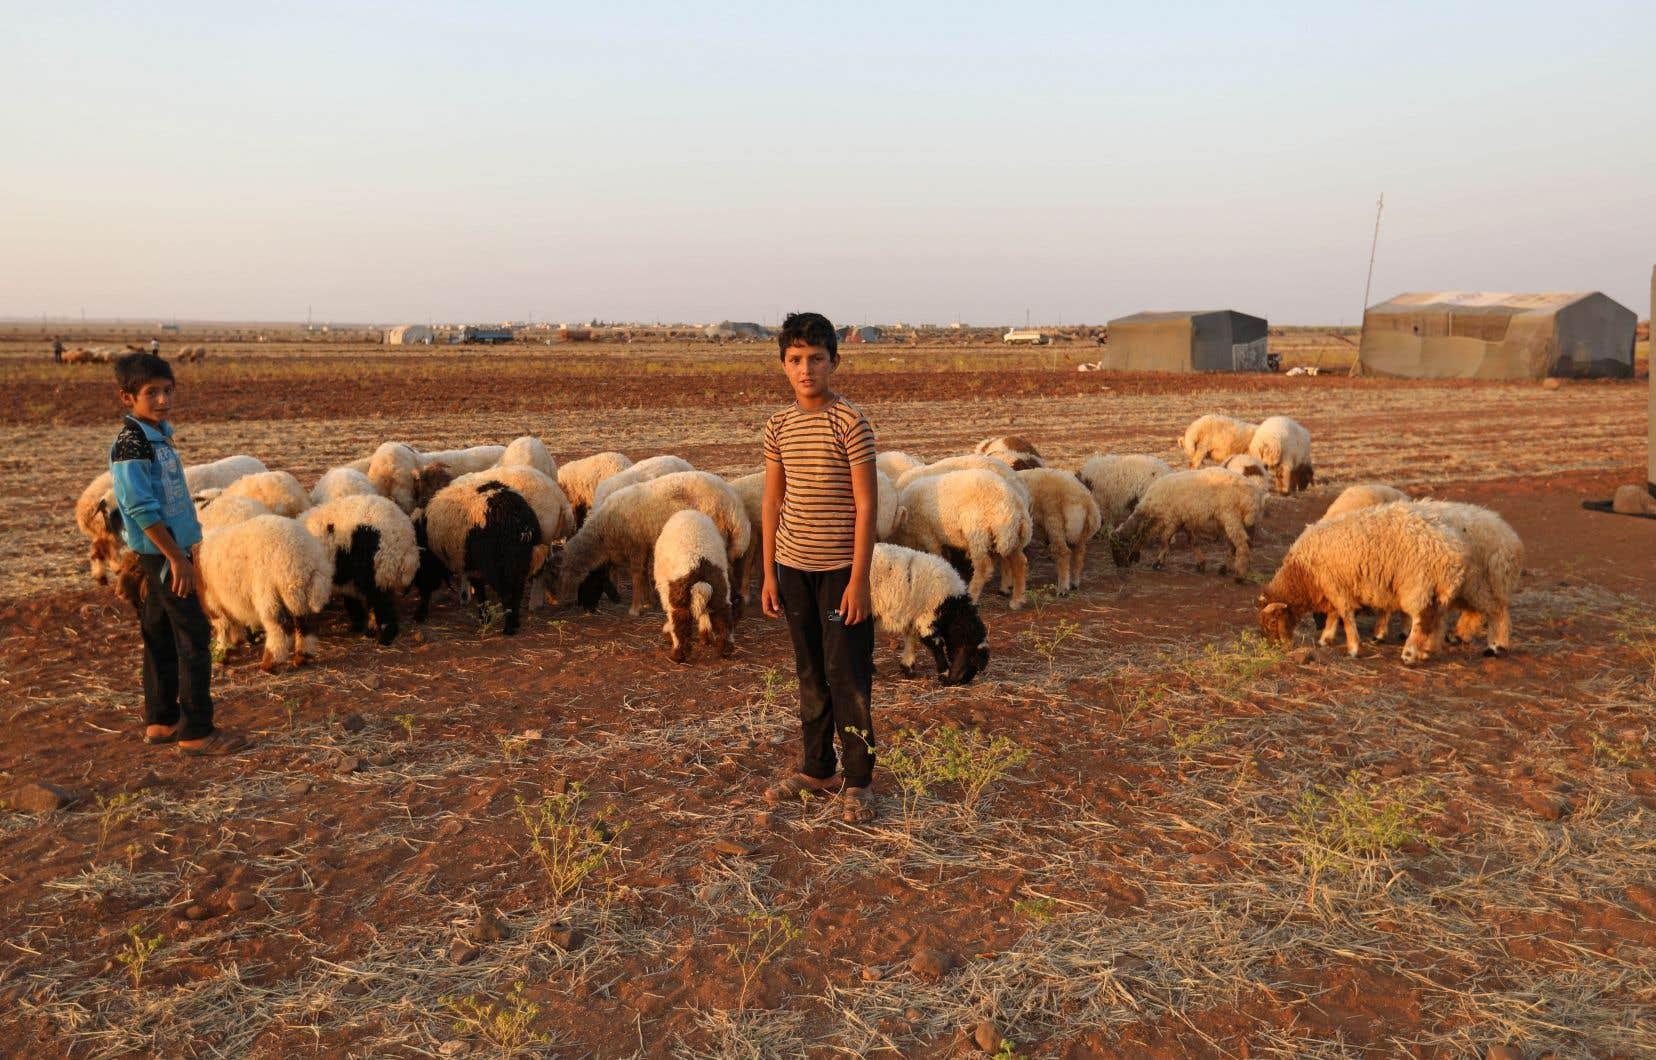 Dans le cas de la guerre civile en Syrie, le manque de terres agricoles aurait, selon M. Guibeault, provoqué une migration des campagnes vers les villes, augmentant ainsi les tensions sociales.